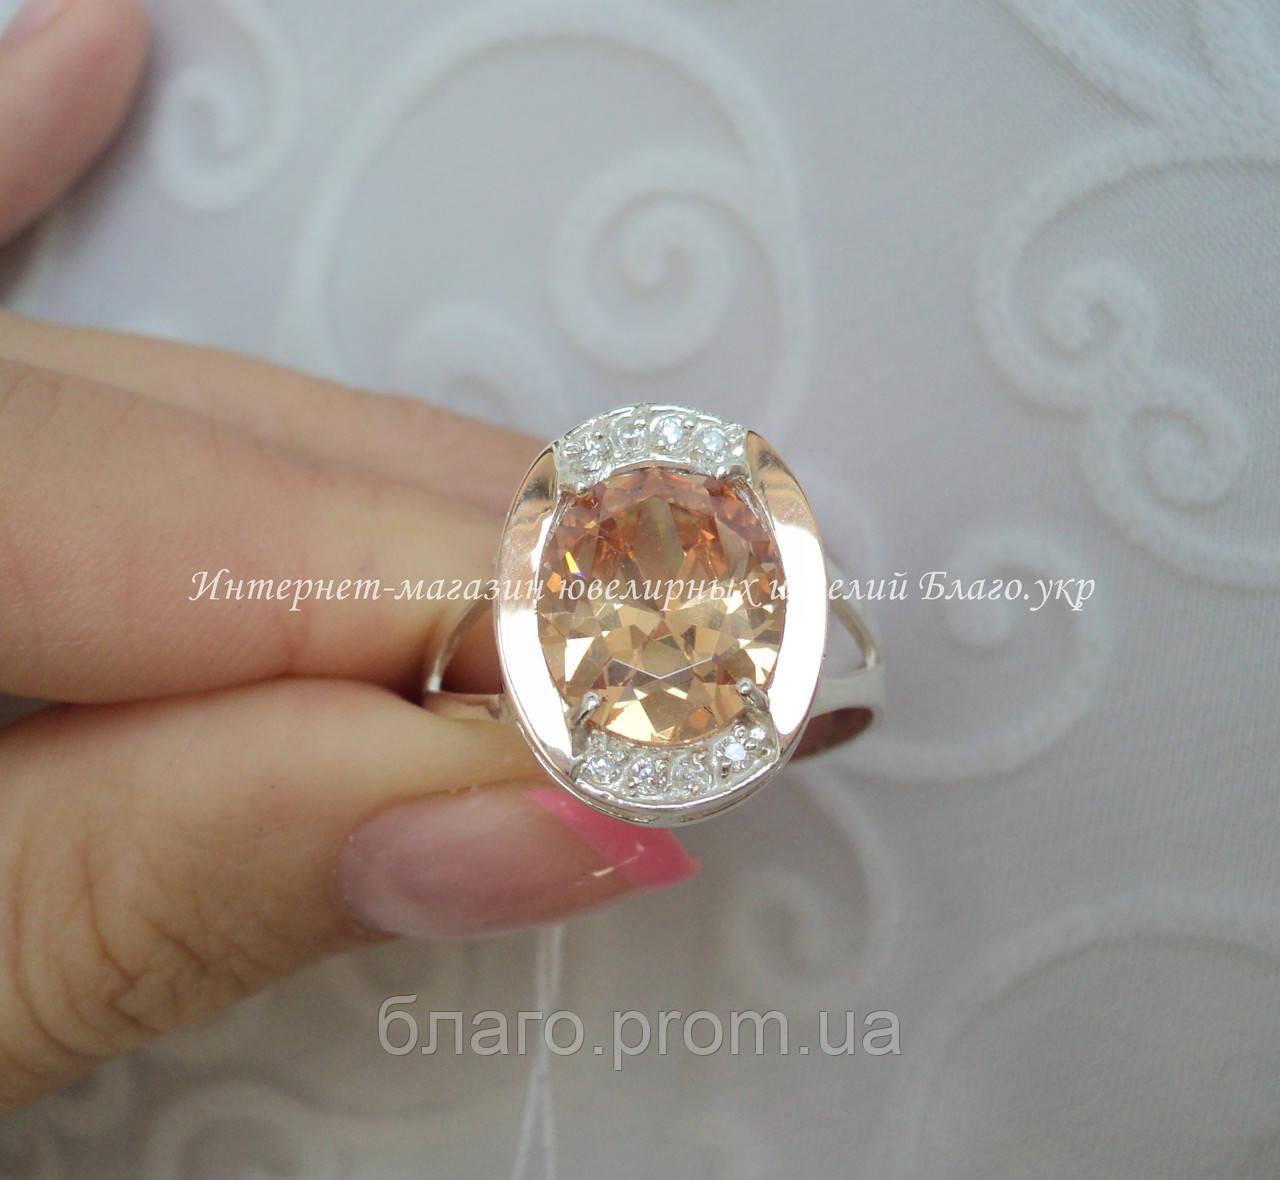 Серебряное кольцо 925 пробы с накладками золота 375 пробы